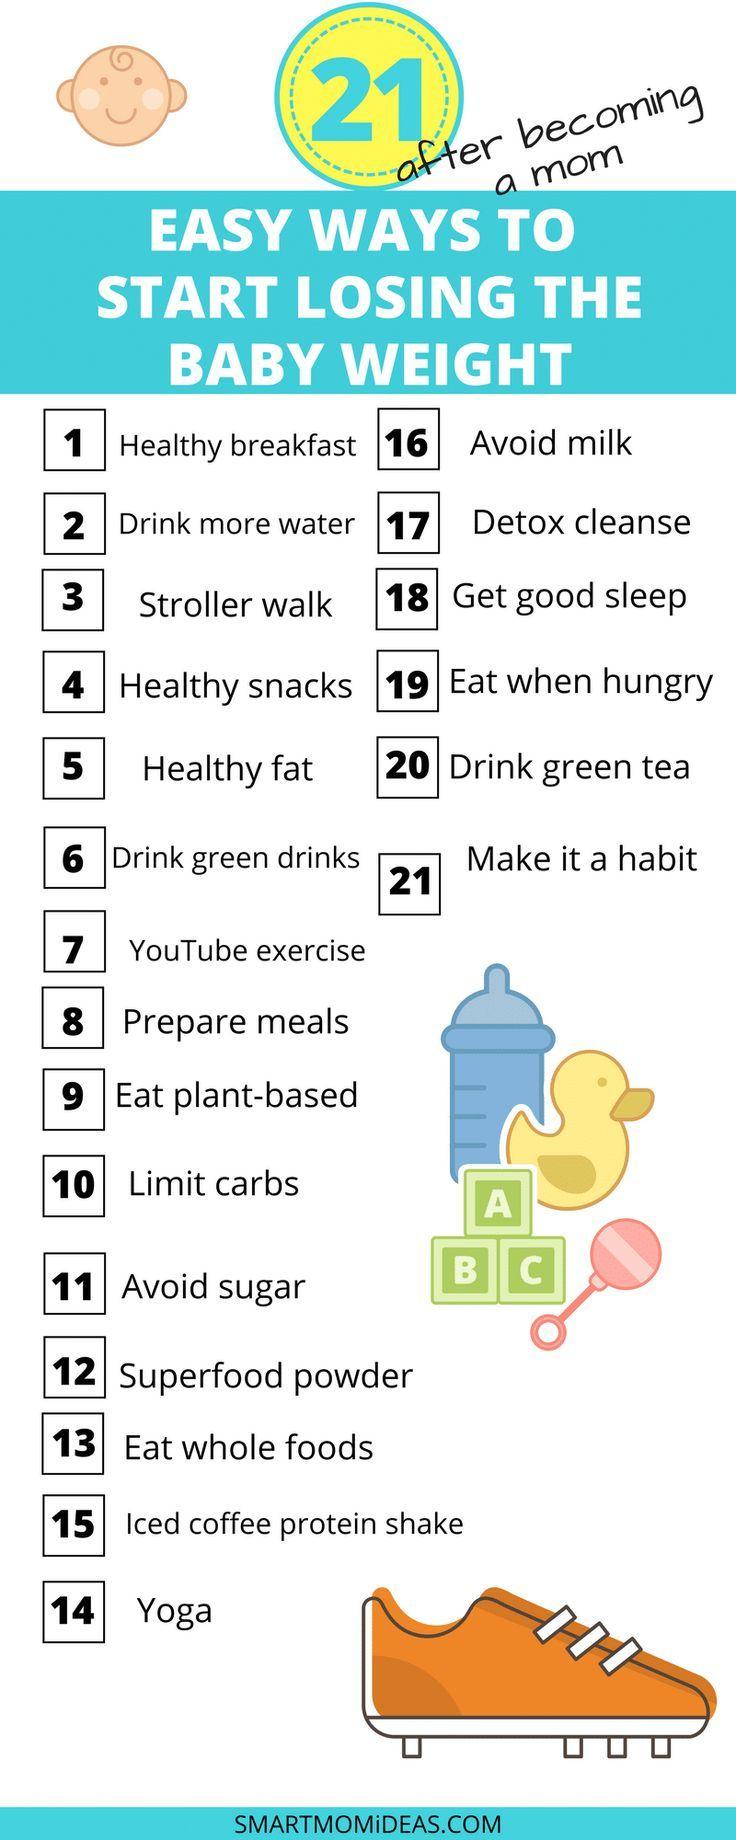 When to start diet after pregnancy